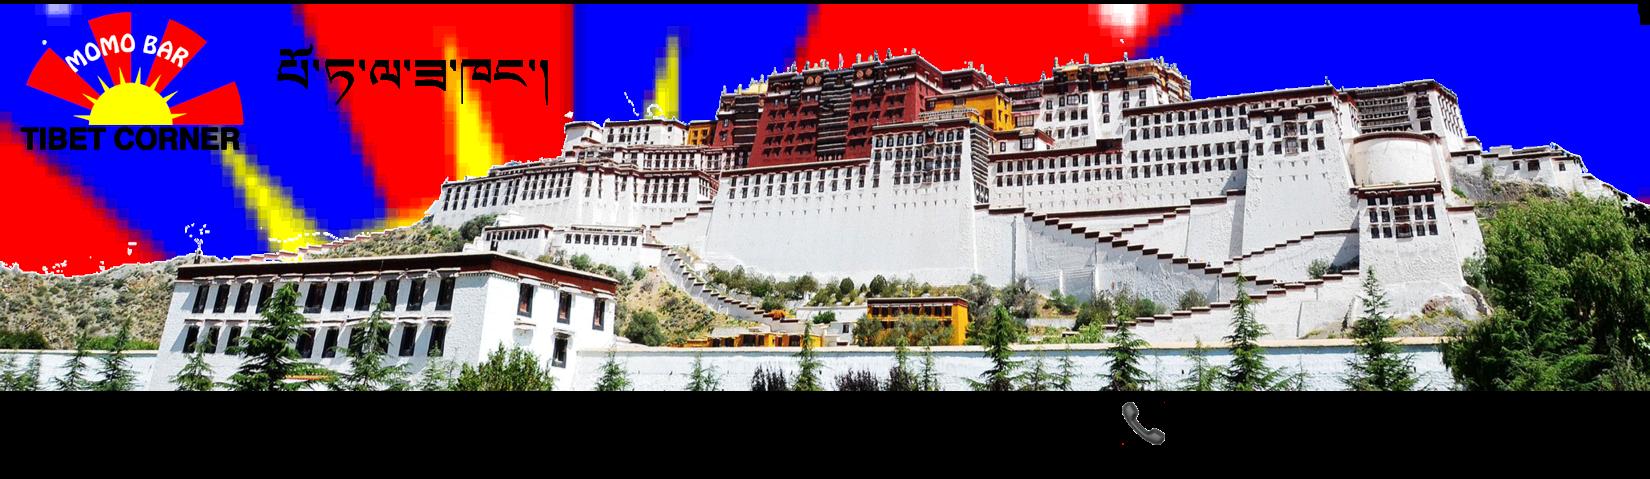 Restaurant Tibet Corner